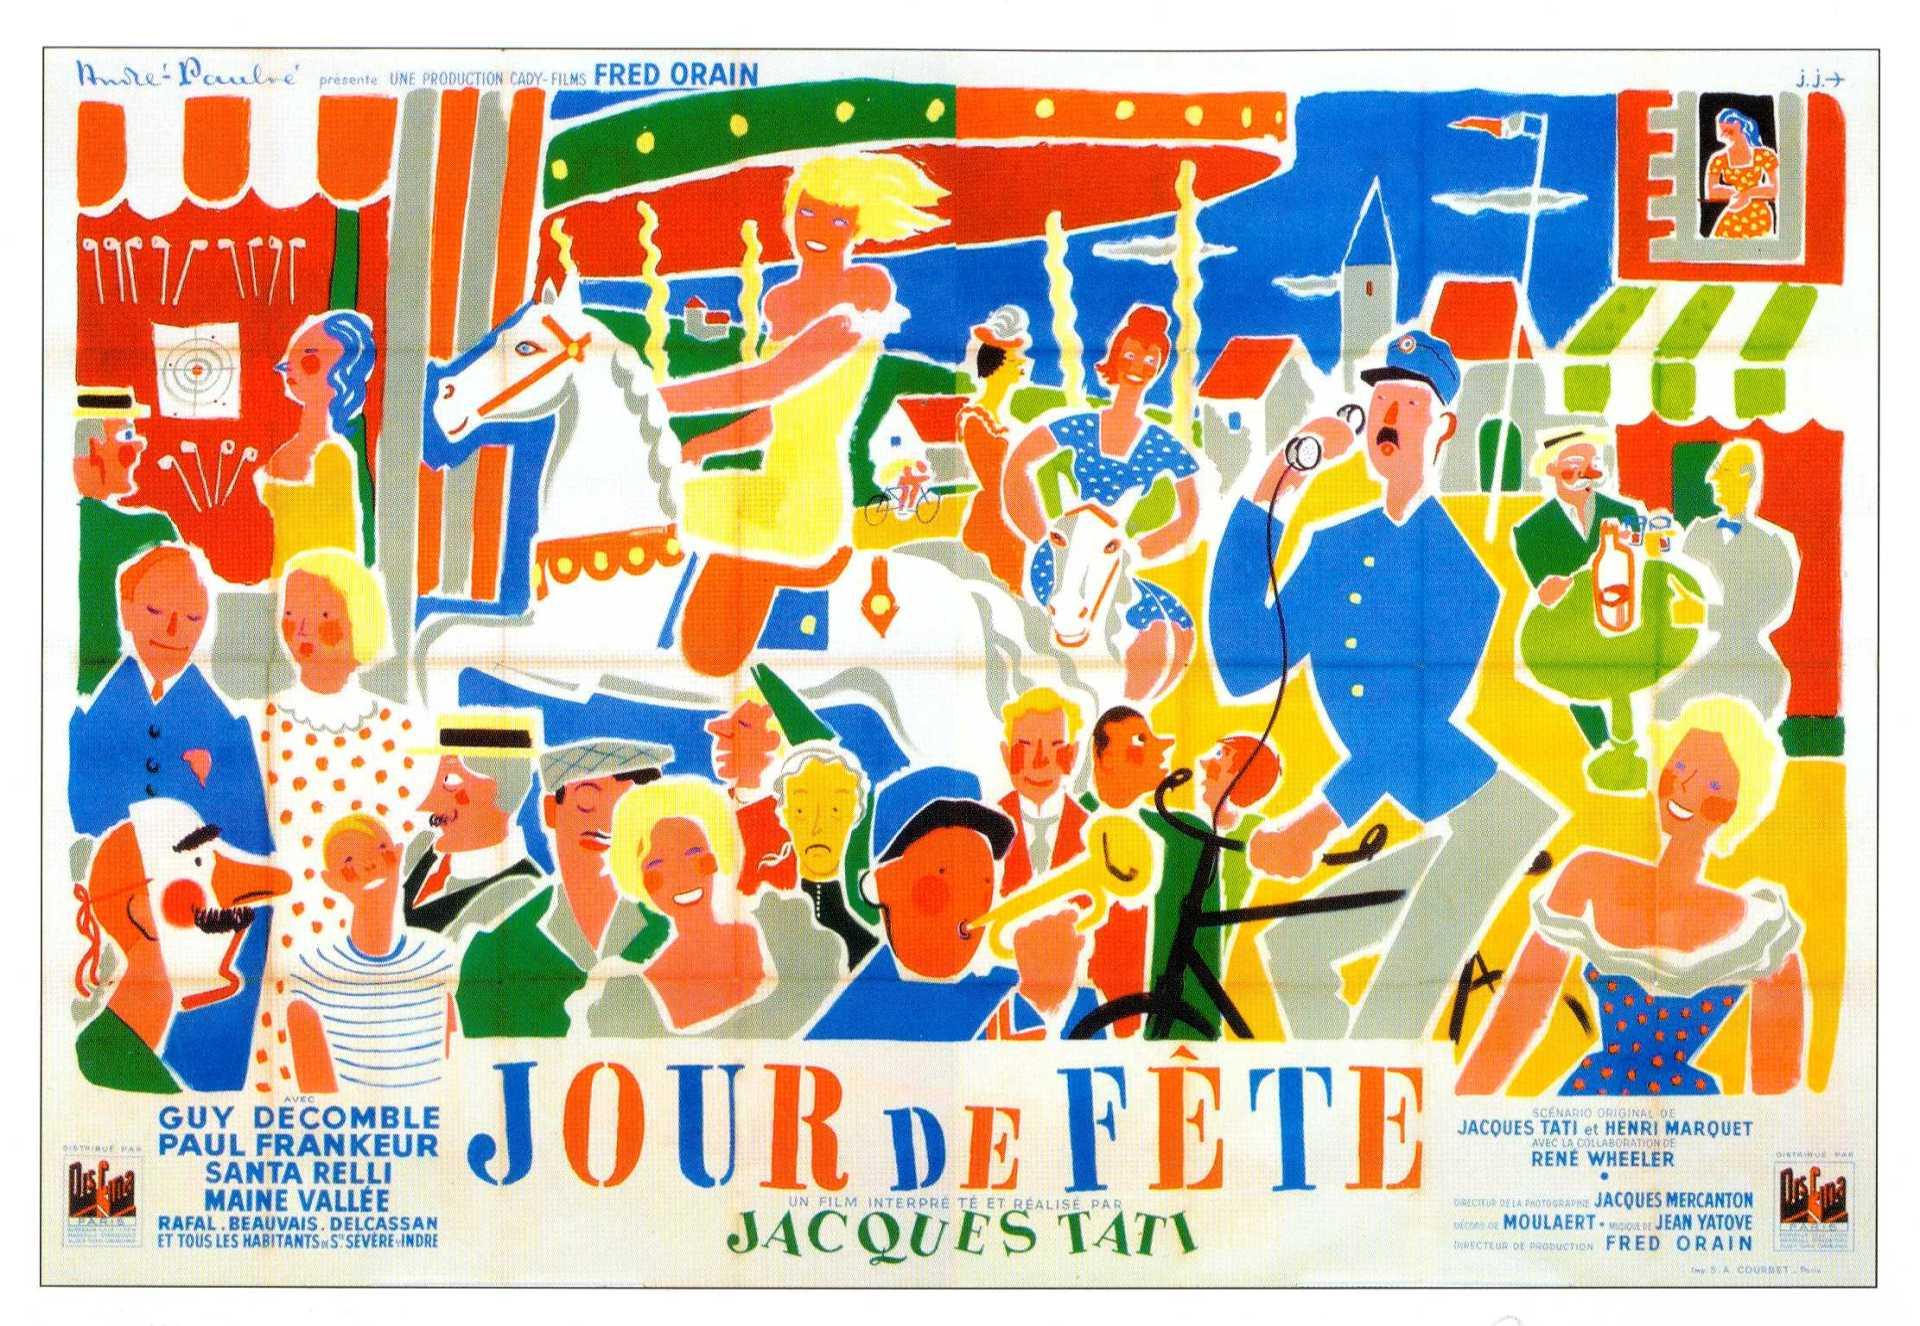 Hizo falta un cúmulo de casualidades y el trabajo obsesivo de dos personas durante cinco años para llegar al instante del prodigio: en la toma 70/3ª el gorro del cartero era rojo, la barra del bar era azul y las guirnaldas eran lilas. La leyenda era cierta: Jacques Tati había hecho en 1947 dos copias de su película, una en blanco y negro y la otra en color.Hizo falta un cúmulo de casualidades y el trabajo obsesivo de dos personas durante cinco años para llegar al instante del prodigio: en la toma 70/3ª el gorro del cartero era rojo, la barra del bar era azul y las guirnaldas eran lilas. La leyenda era cierta: Jacques Tati había hecho en 1947 dos copias de su película, una en blanco y negro y la otra en color.